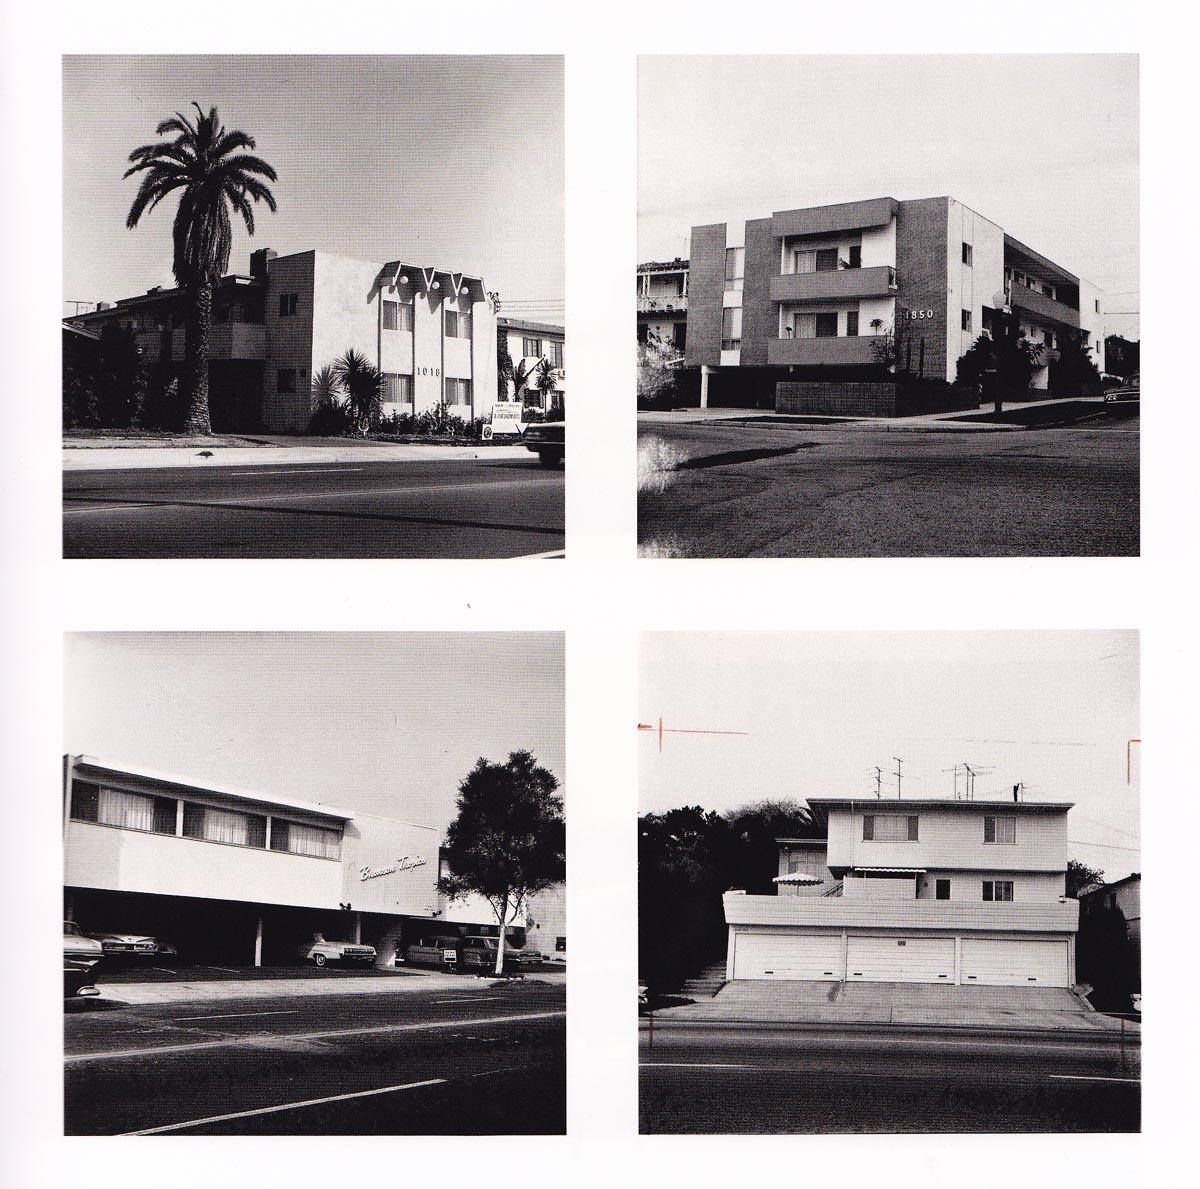 Untitled, Dingbat Series. Judy Fiskin. 1982-3; Untitled, Dingbat Series. Judy Fiskin. 1982-3